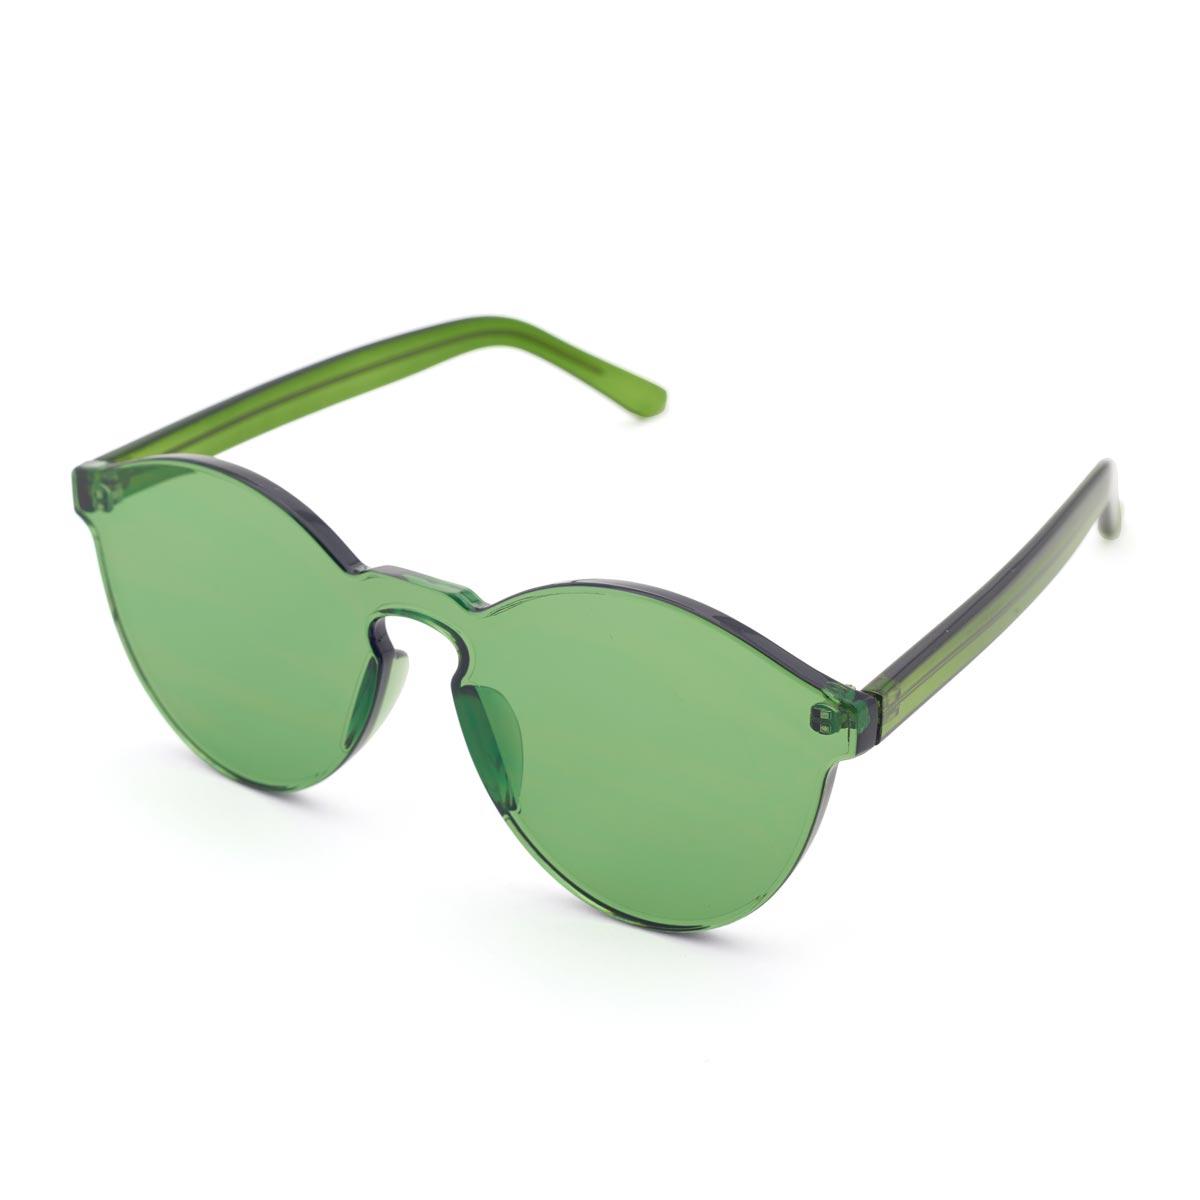 Cheap Glasses Australia